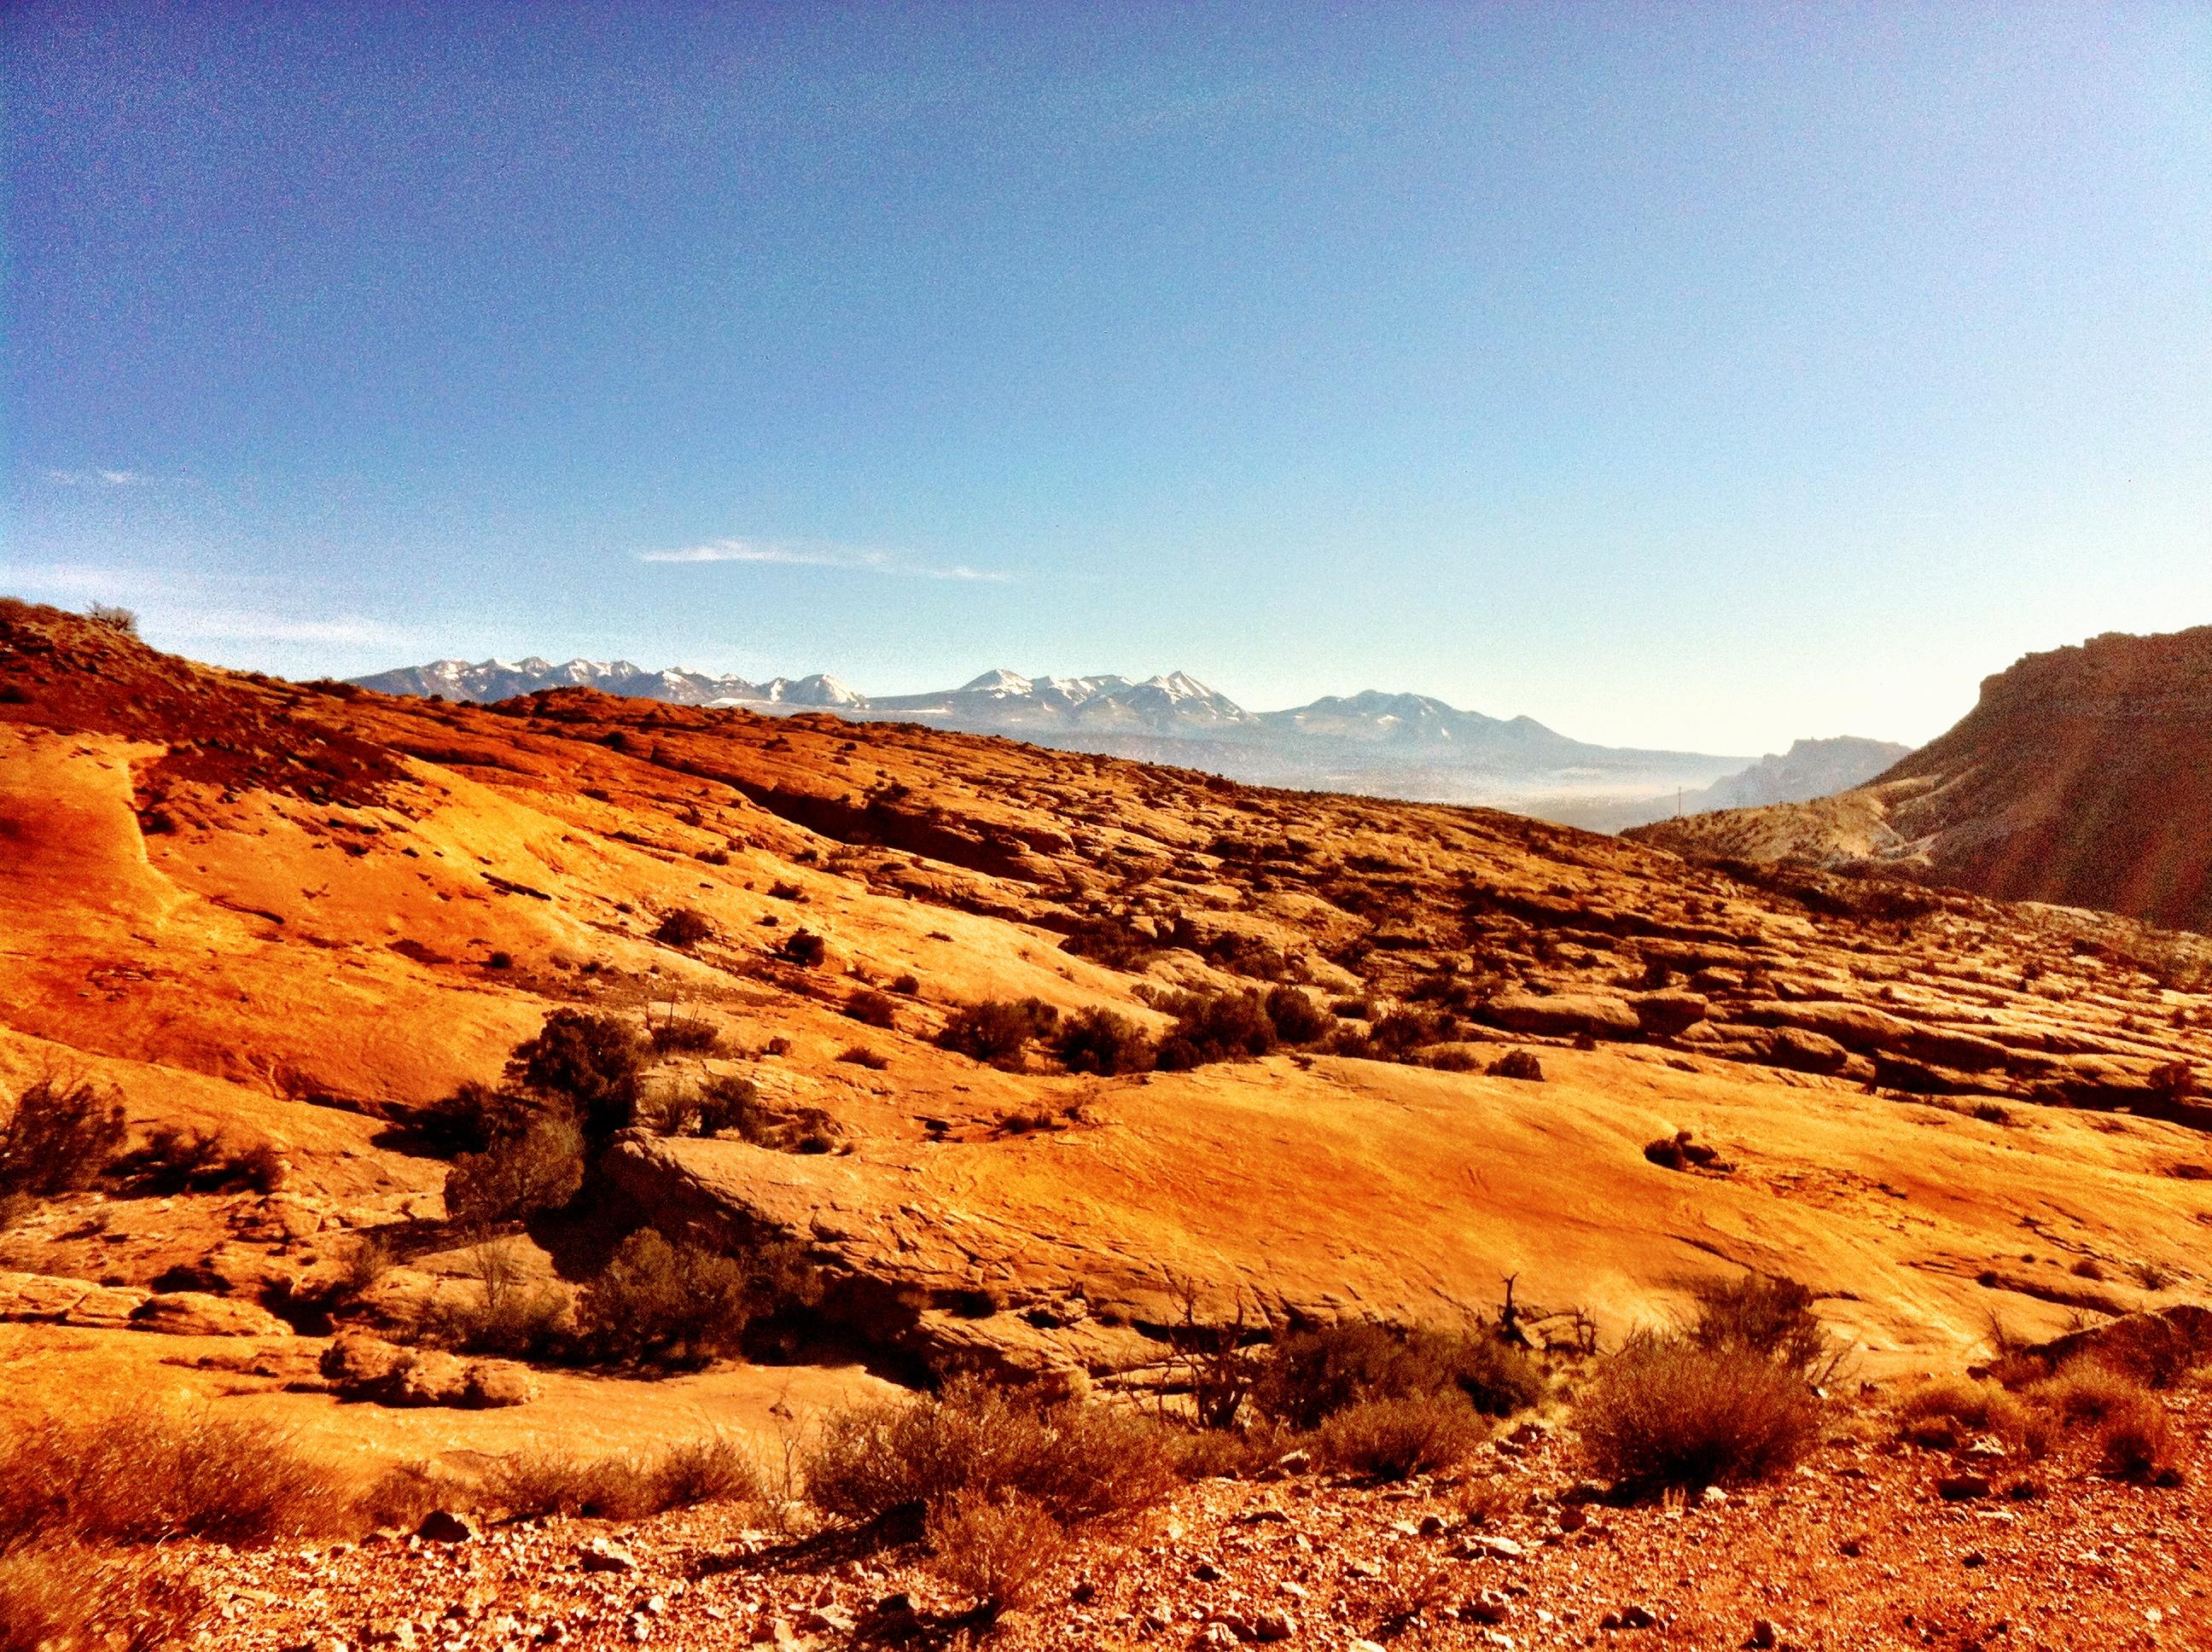 Moab: Rekindled